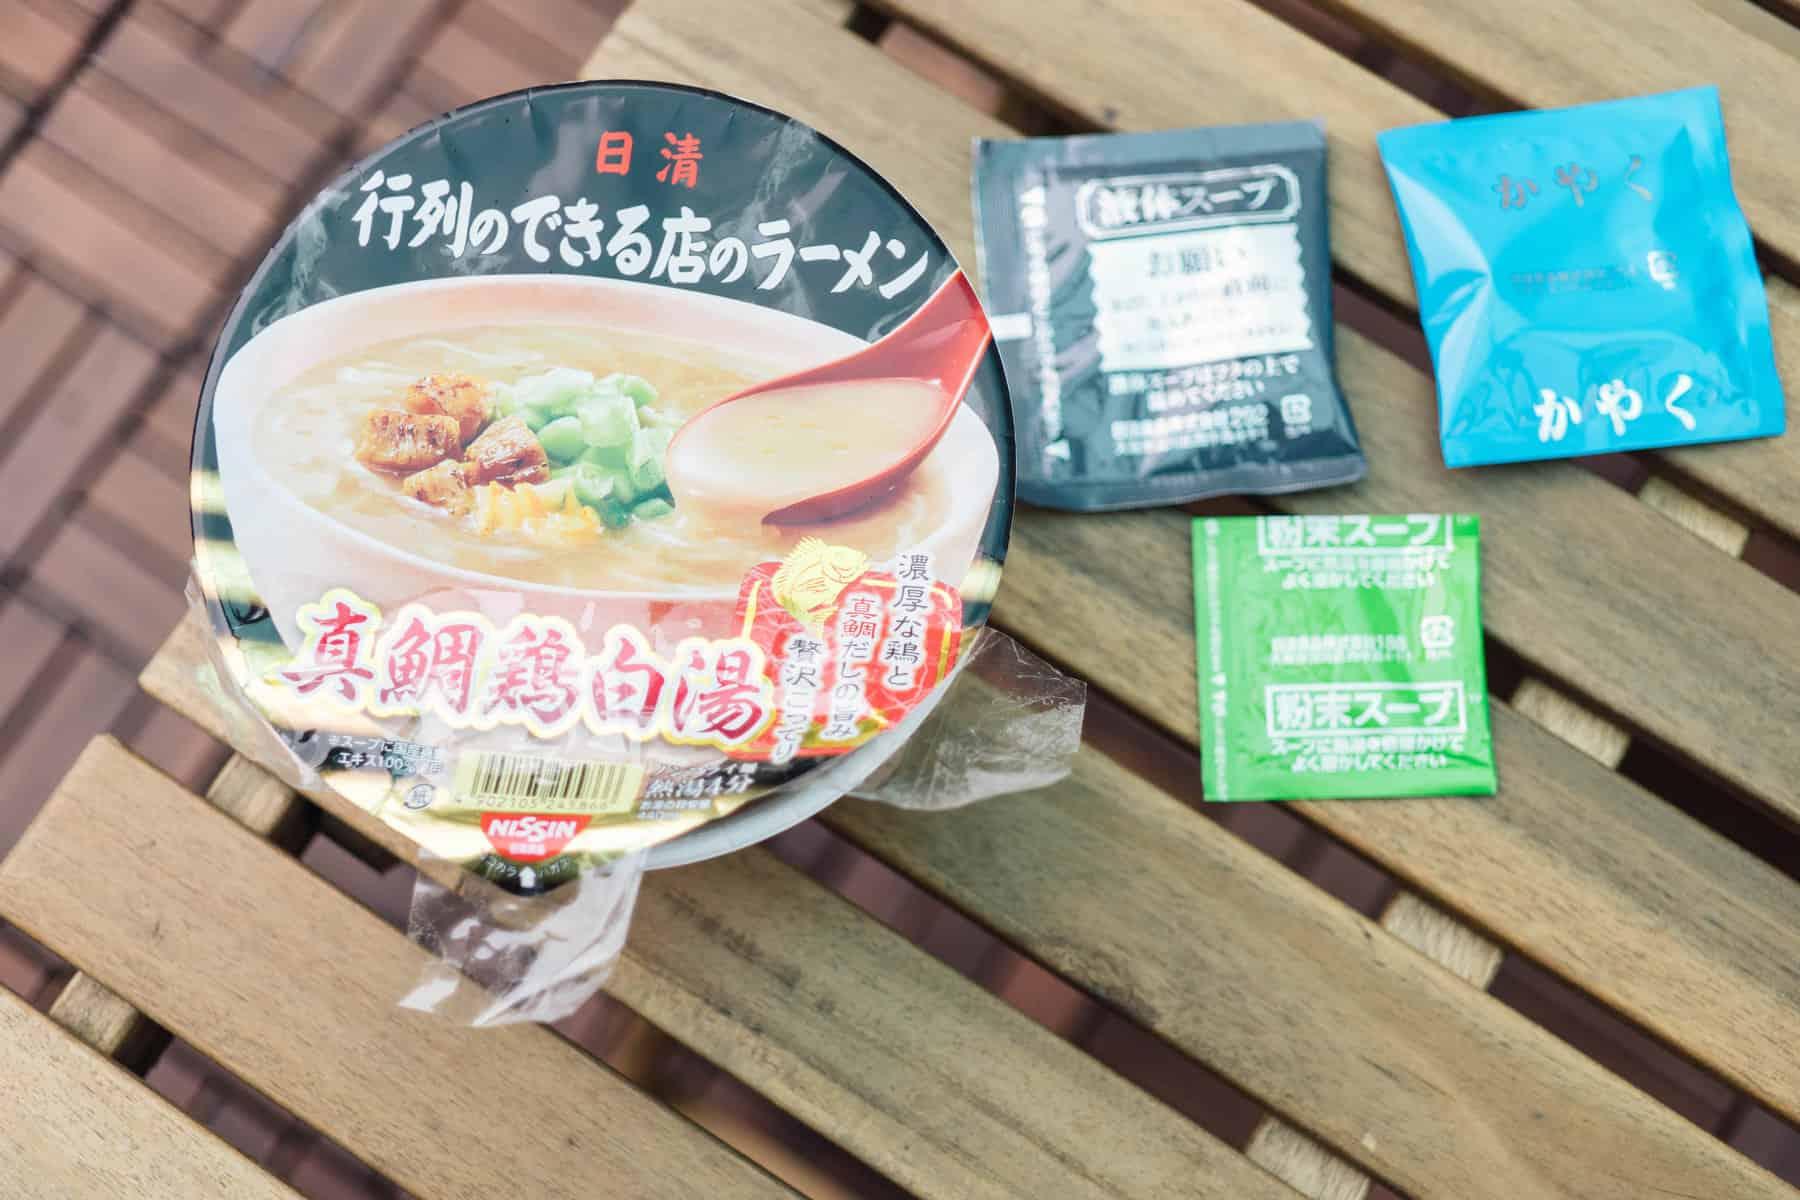 日本泡麵真雕雞白湯及其配料可以安全入境(研究生的點數旅行筆記)